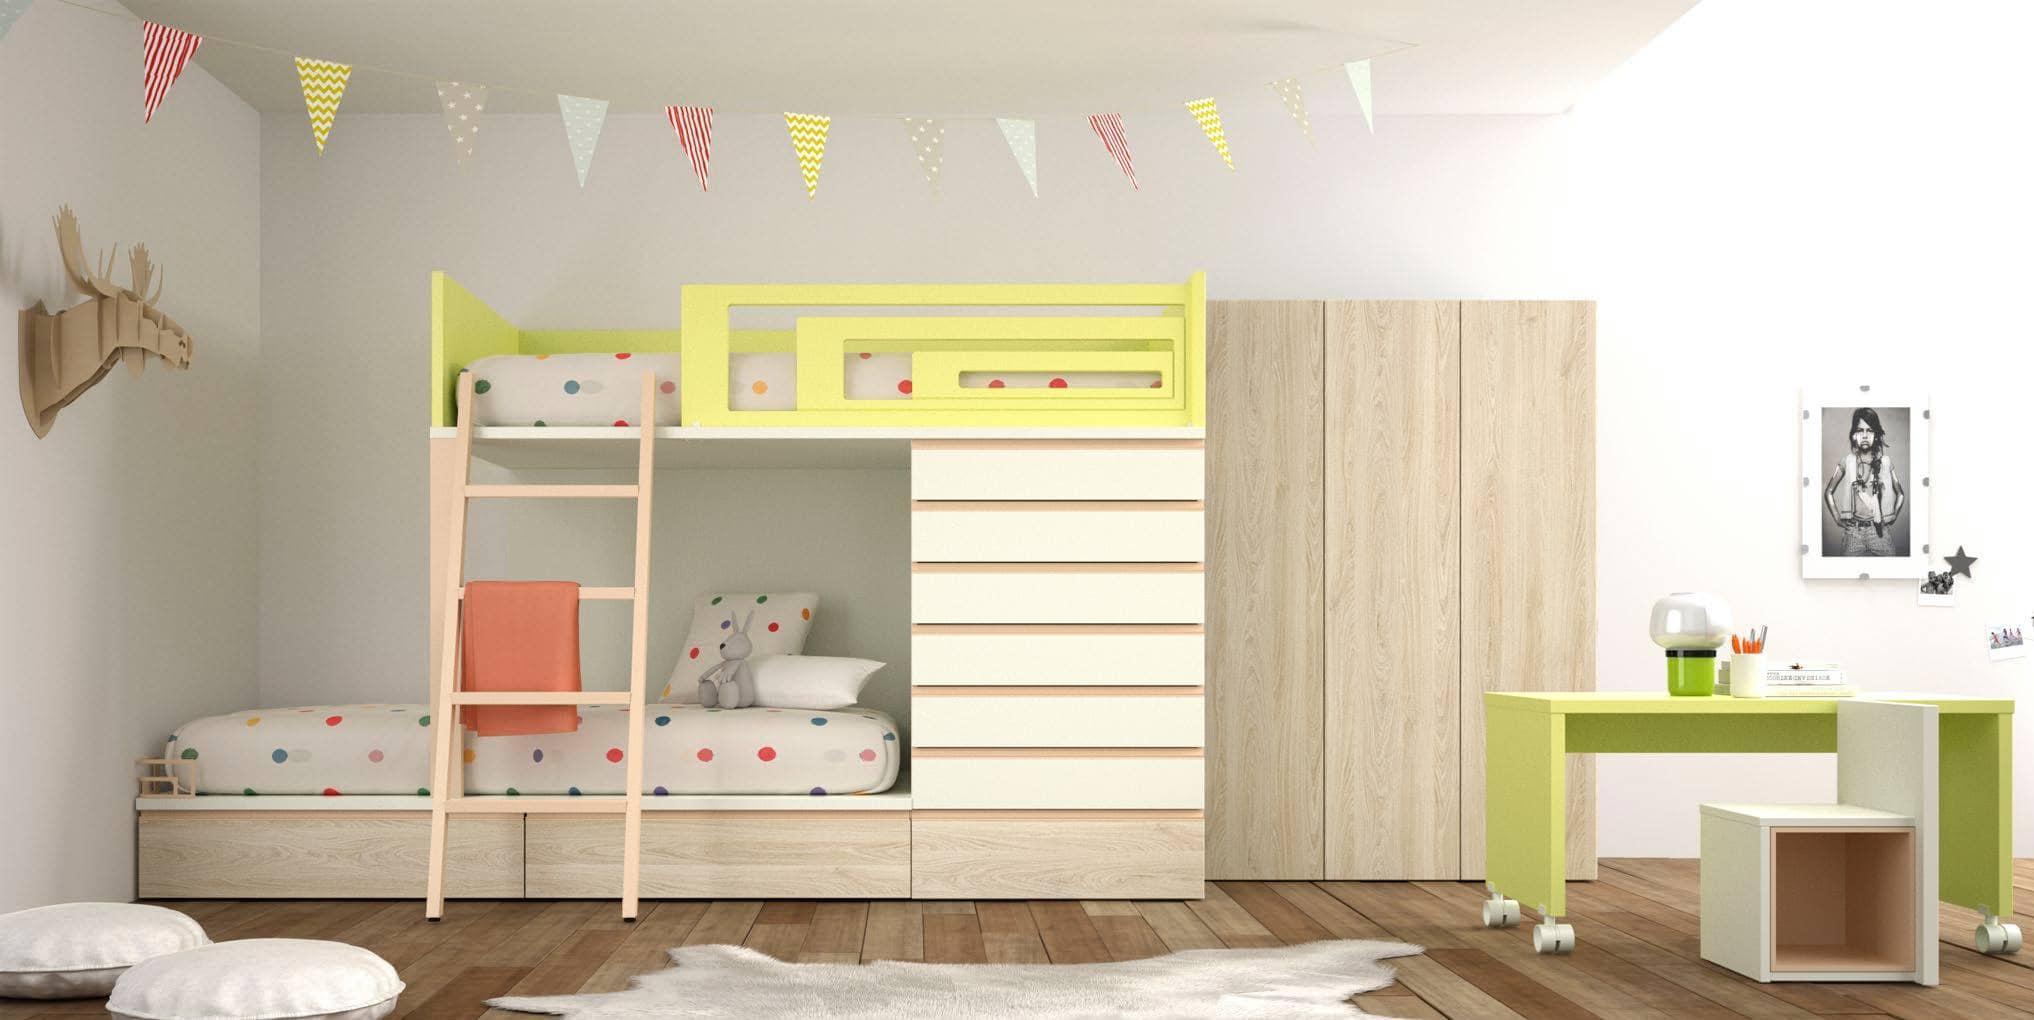 Literas con cama nido para habitaciones infantiles - Habitacion con cama nido ...